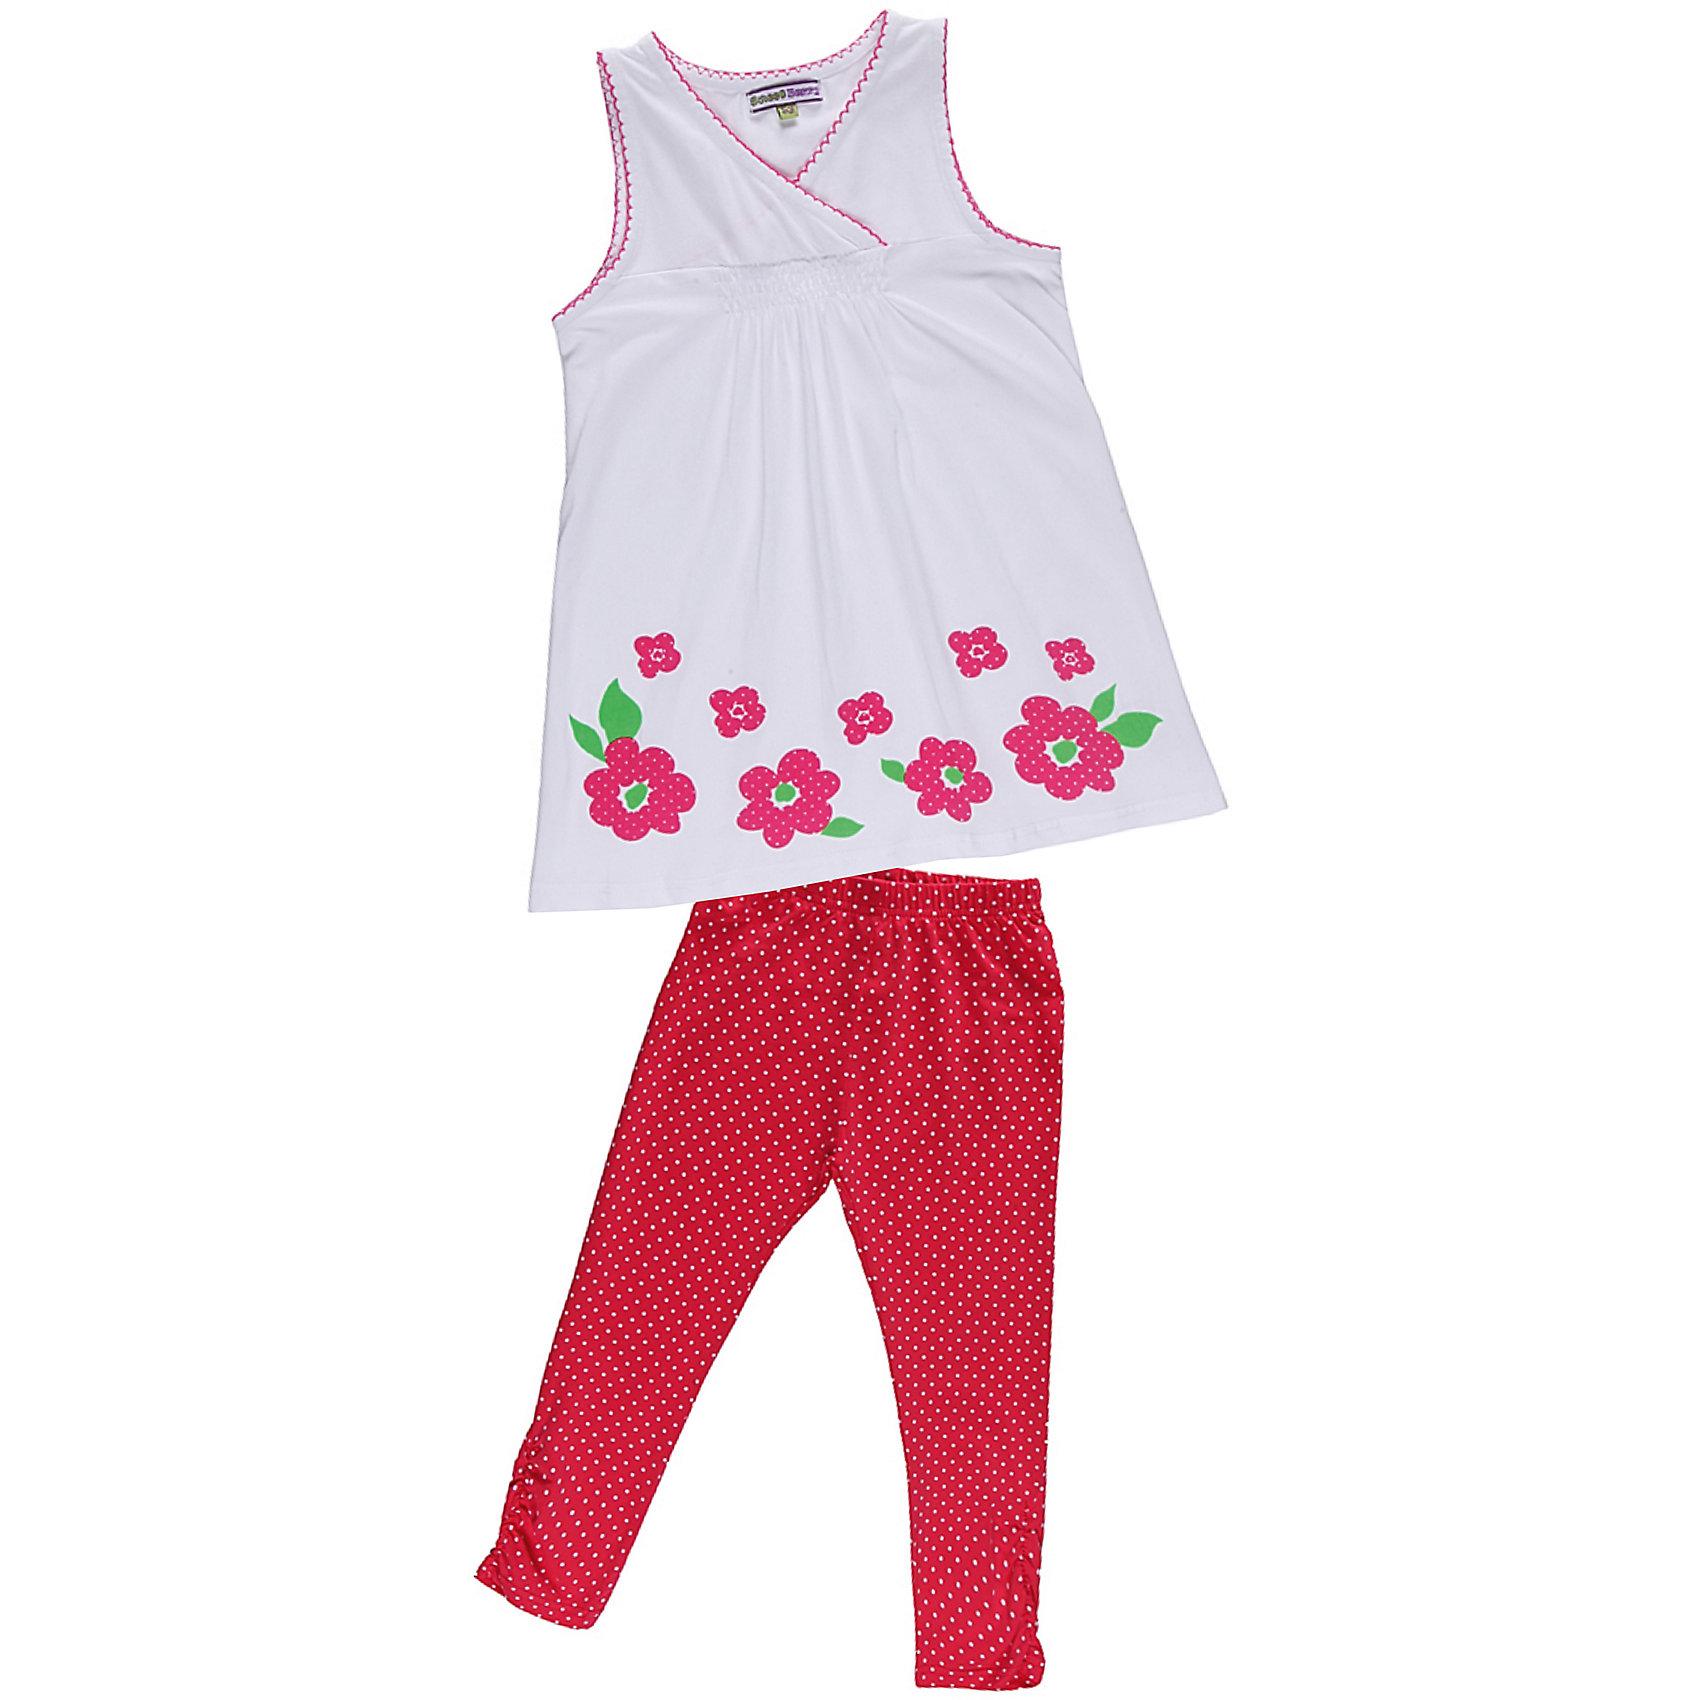 Комплект для девочки: футболка и леггинсы Sweet BerryКомплект из эластичного трикотажа. Декорирован принтом, сборкой и фигурной отделкой.<br>Состав:<br>95% хлопок, 5% эластан<br><br>Ширина мм: 199<br>Глубина мм: 10<br>Высота мм: 161<br>Вес г: 151<br>Цвет: бело-розовый<br>Возраст от месяцев: 48<br>Возраст до месяцев: 60<br>Пол: Женский<br>Возраст: Детский<br>Размер: 110,128,116,122,98,104<br>SKU: 4521413